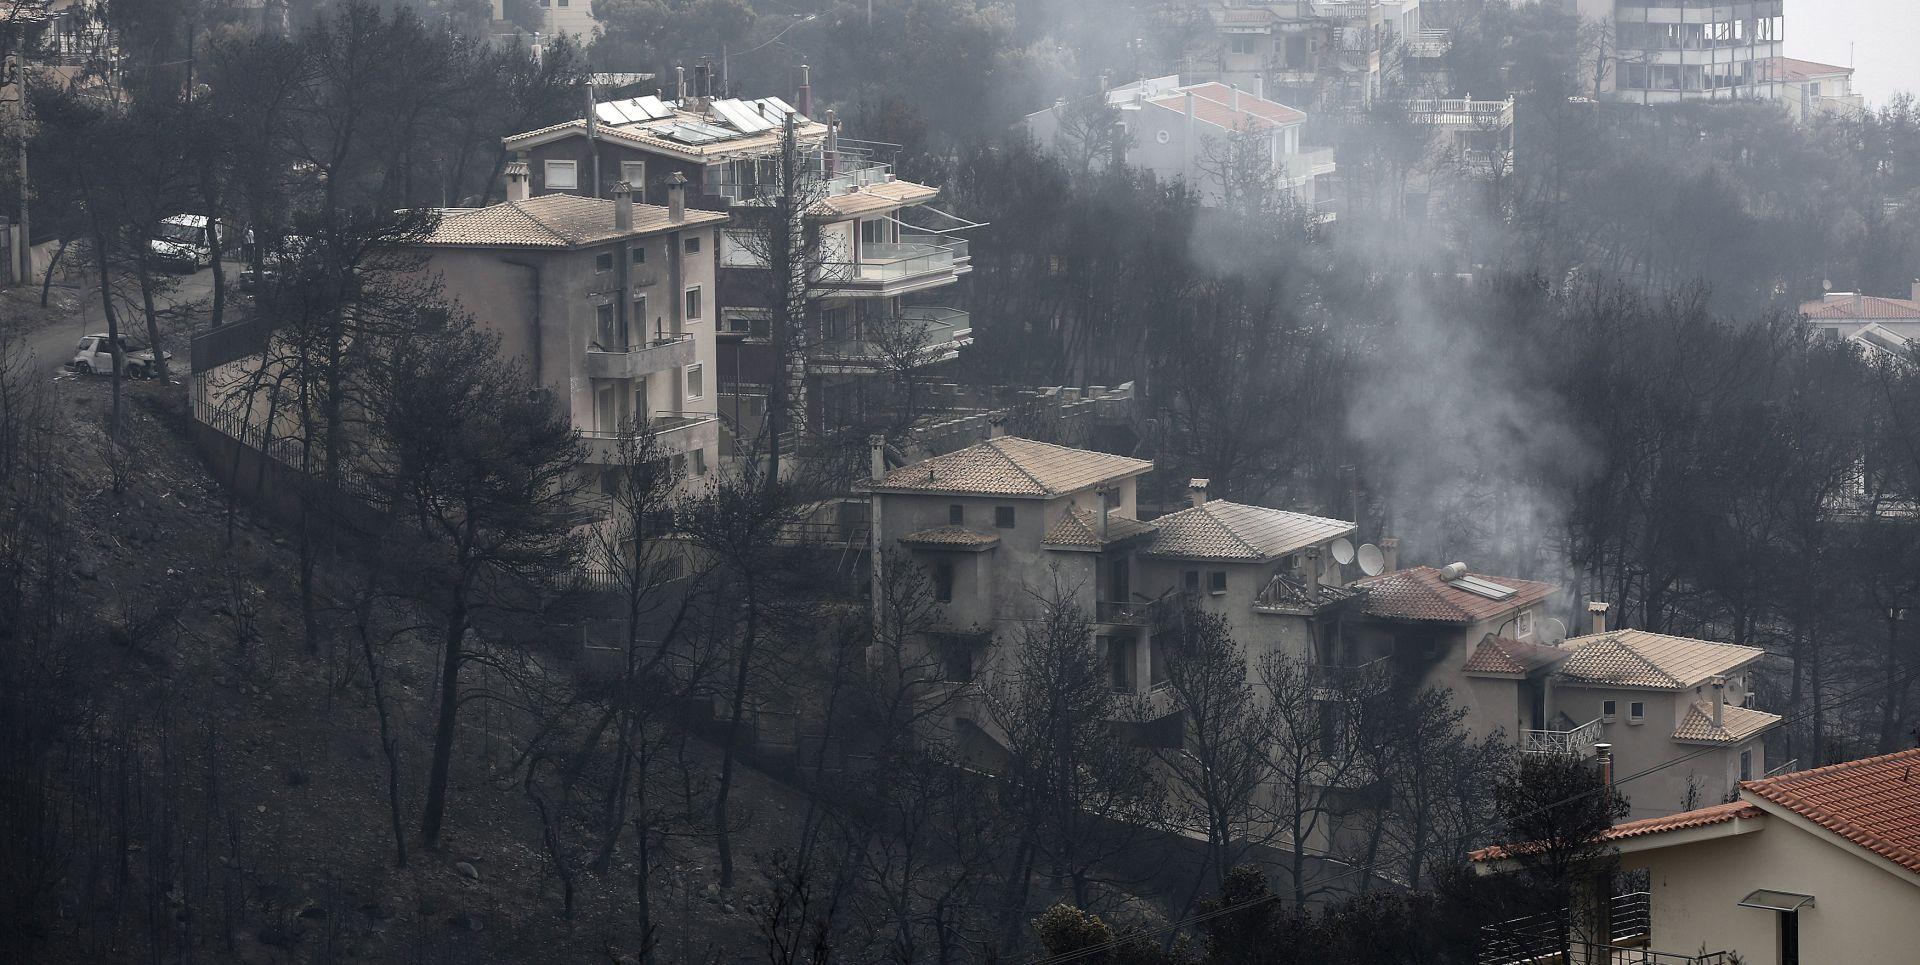 """GRČKI MINISTAR """"Stanovnici ilegalnom gradnjom pogoršali katastrofalne požare"""""""